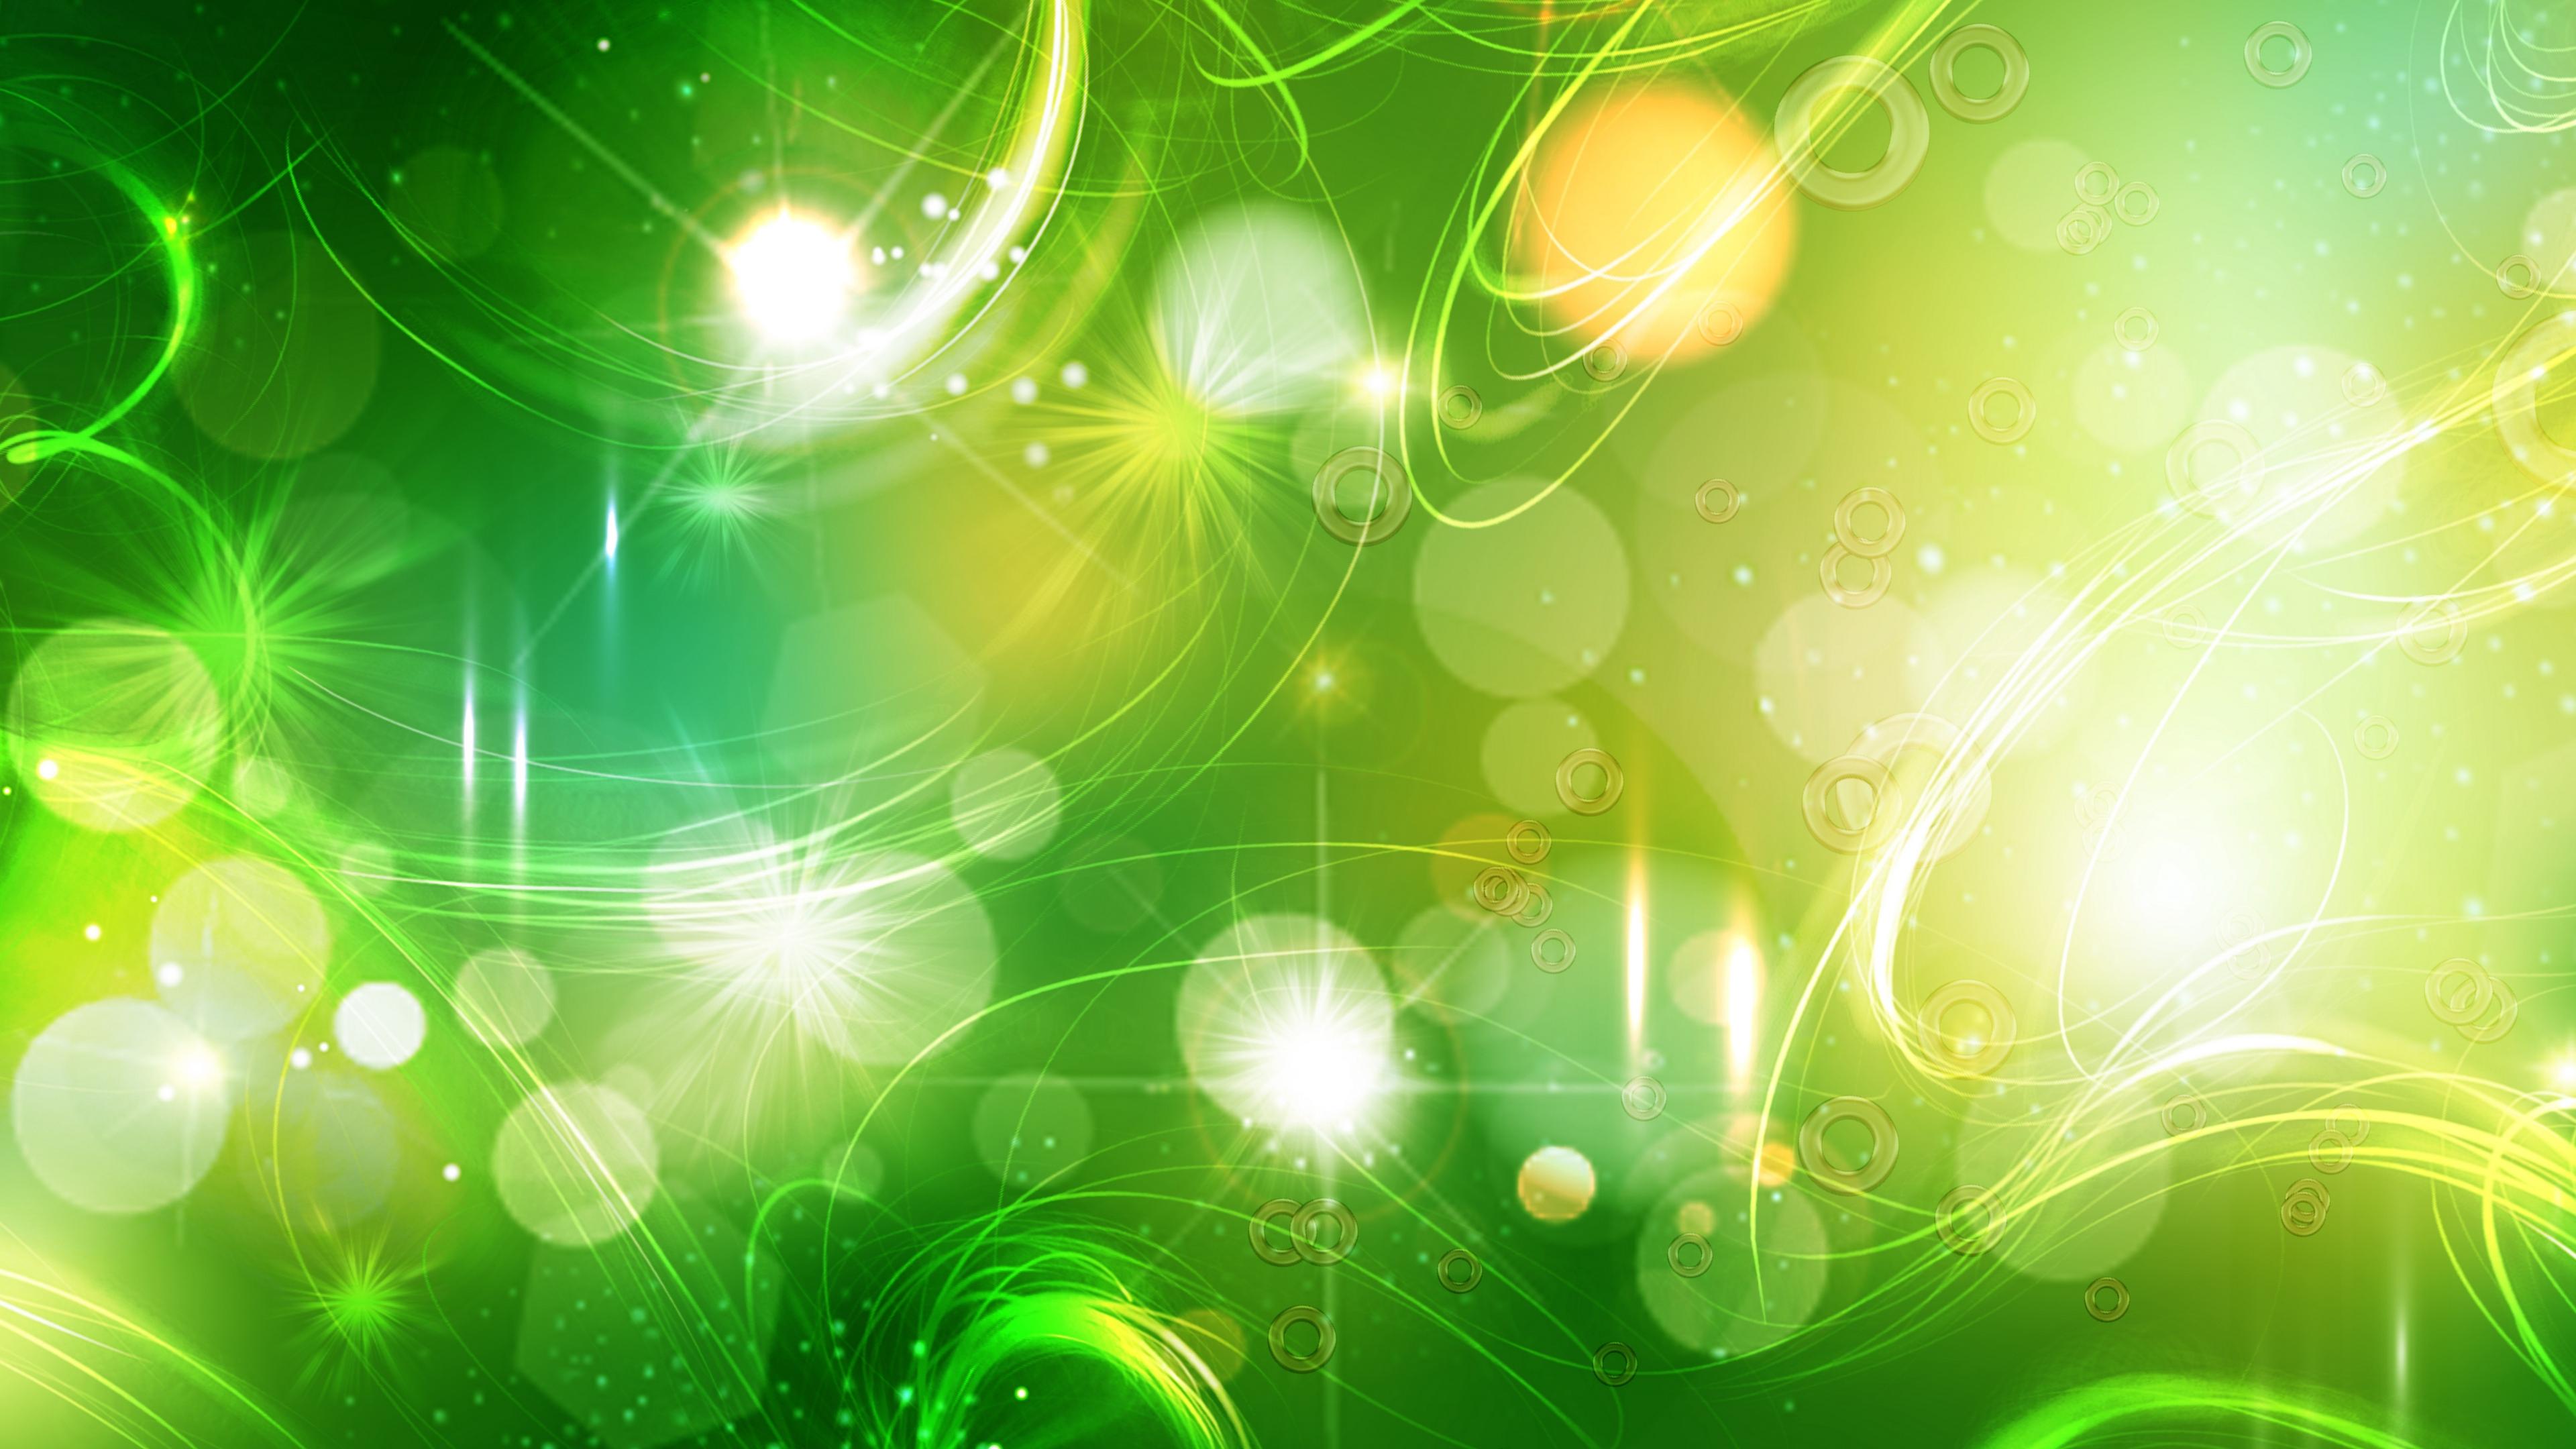 glare shine circles background light 4k 1539369696 - glare, shine, circles, background, light 4k - Shine, glare, Circles